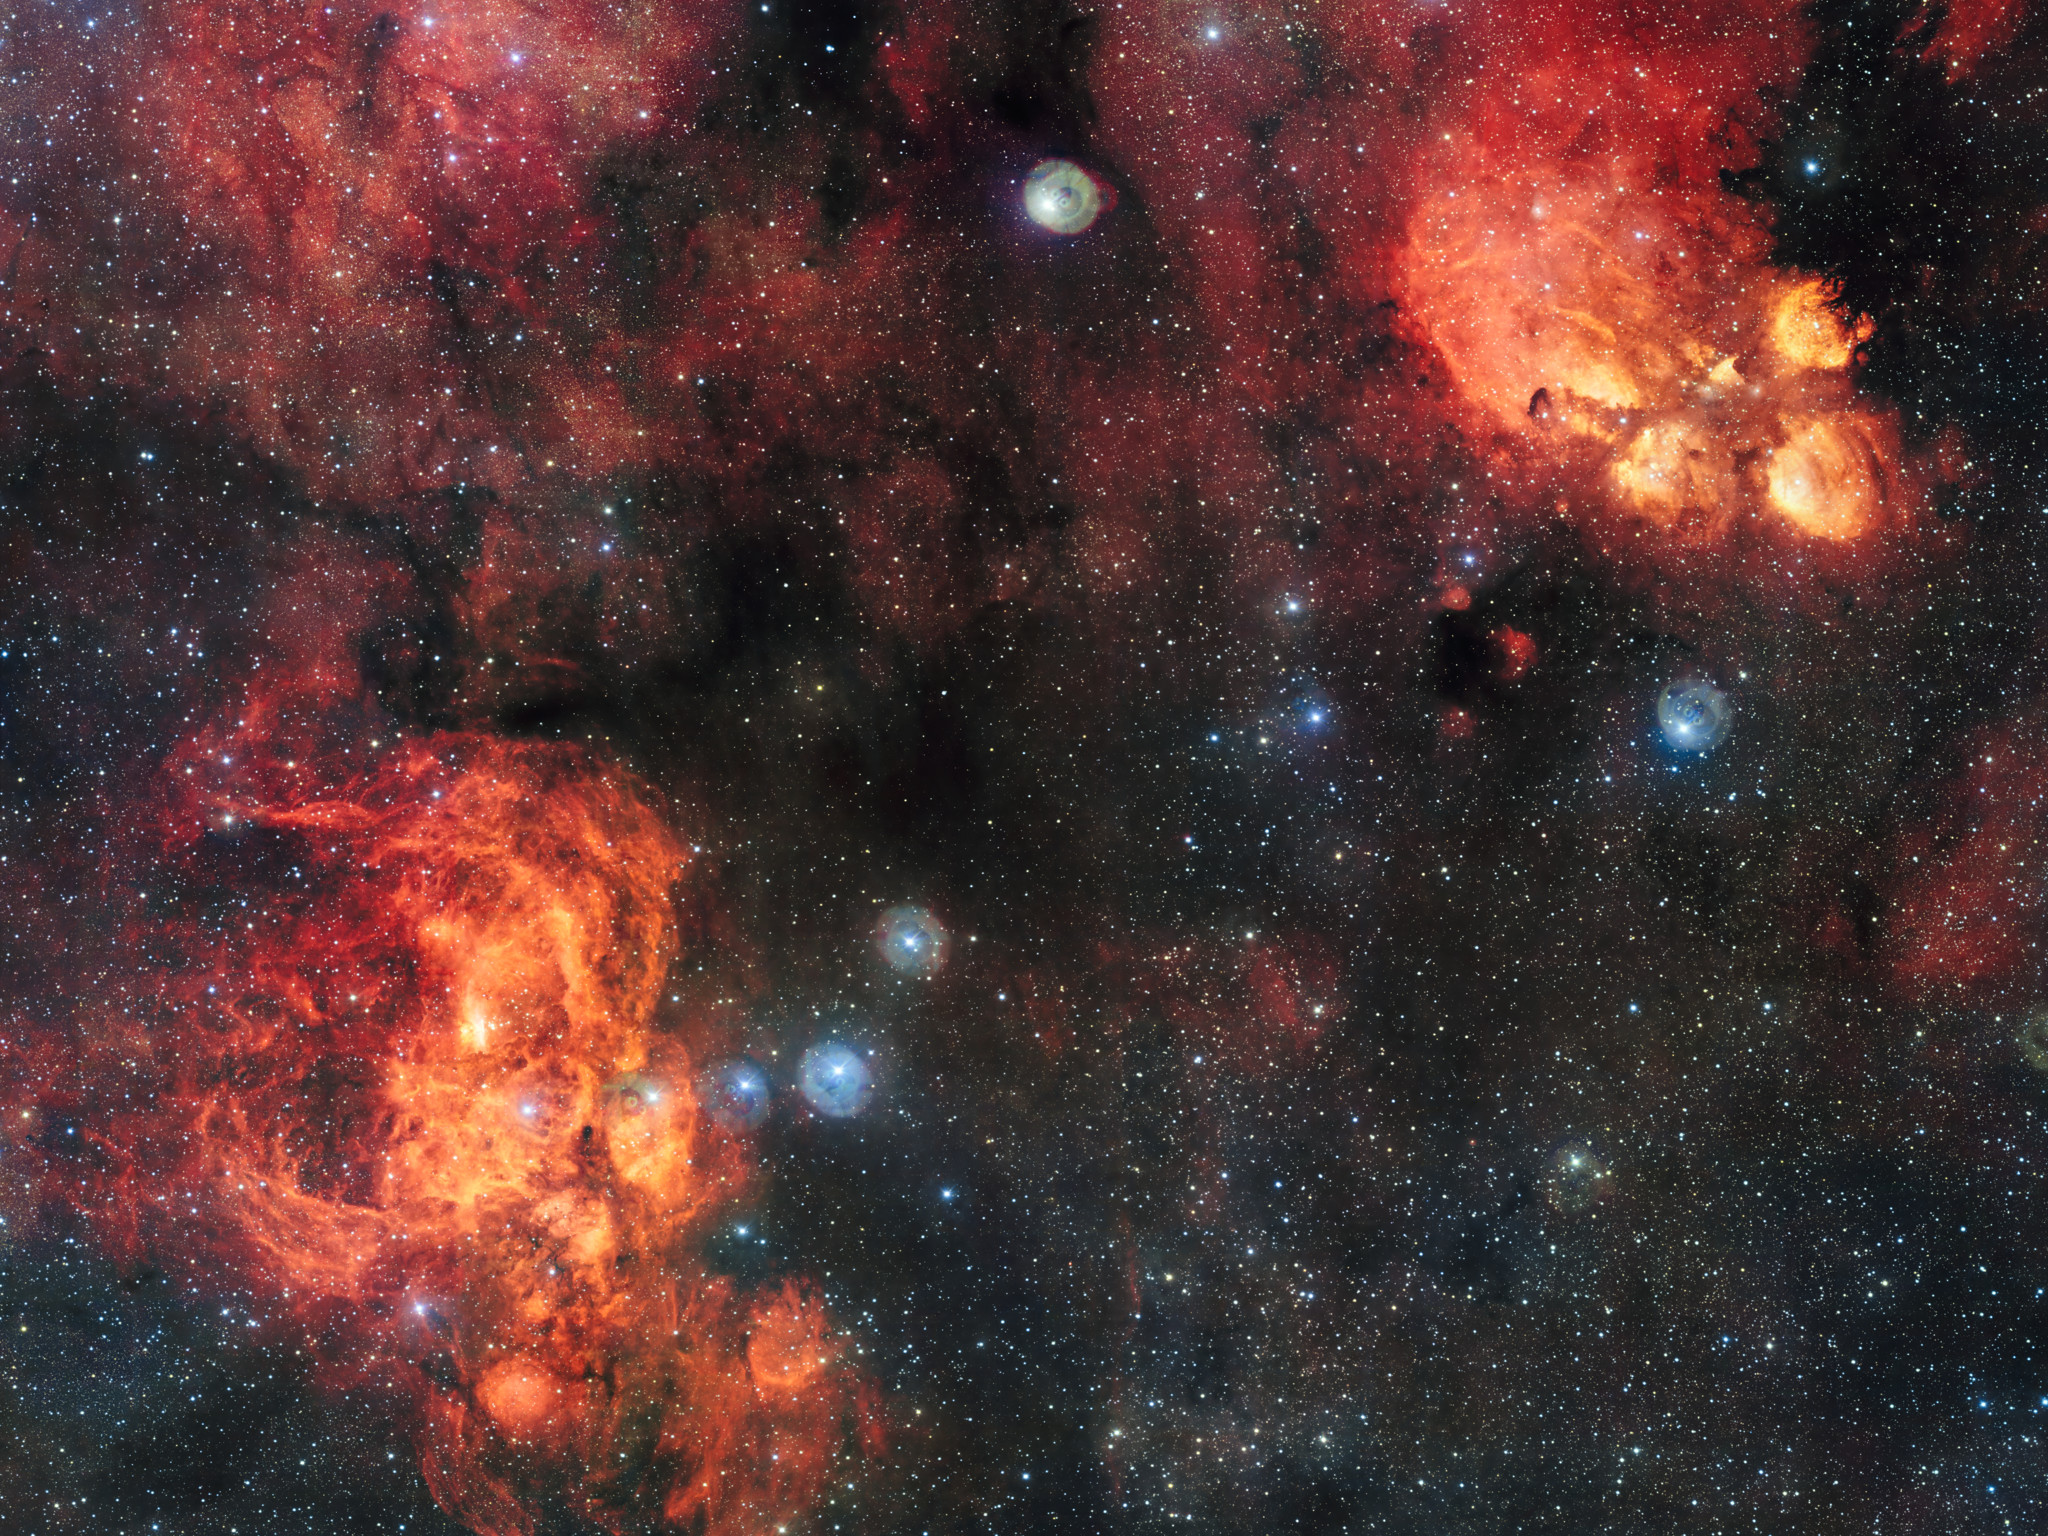 تصویر 2 میلیارد پیکسلی از فضا